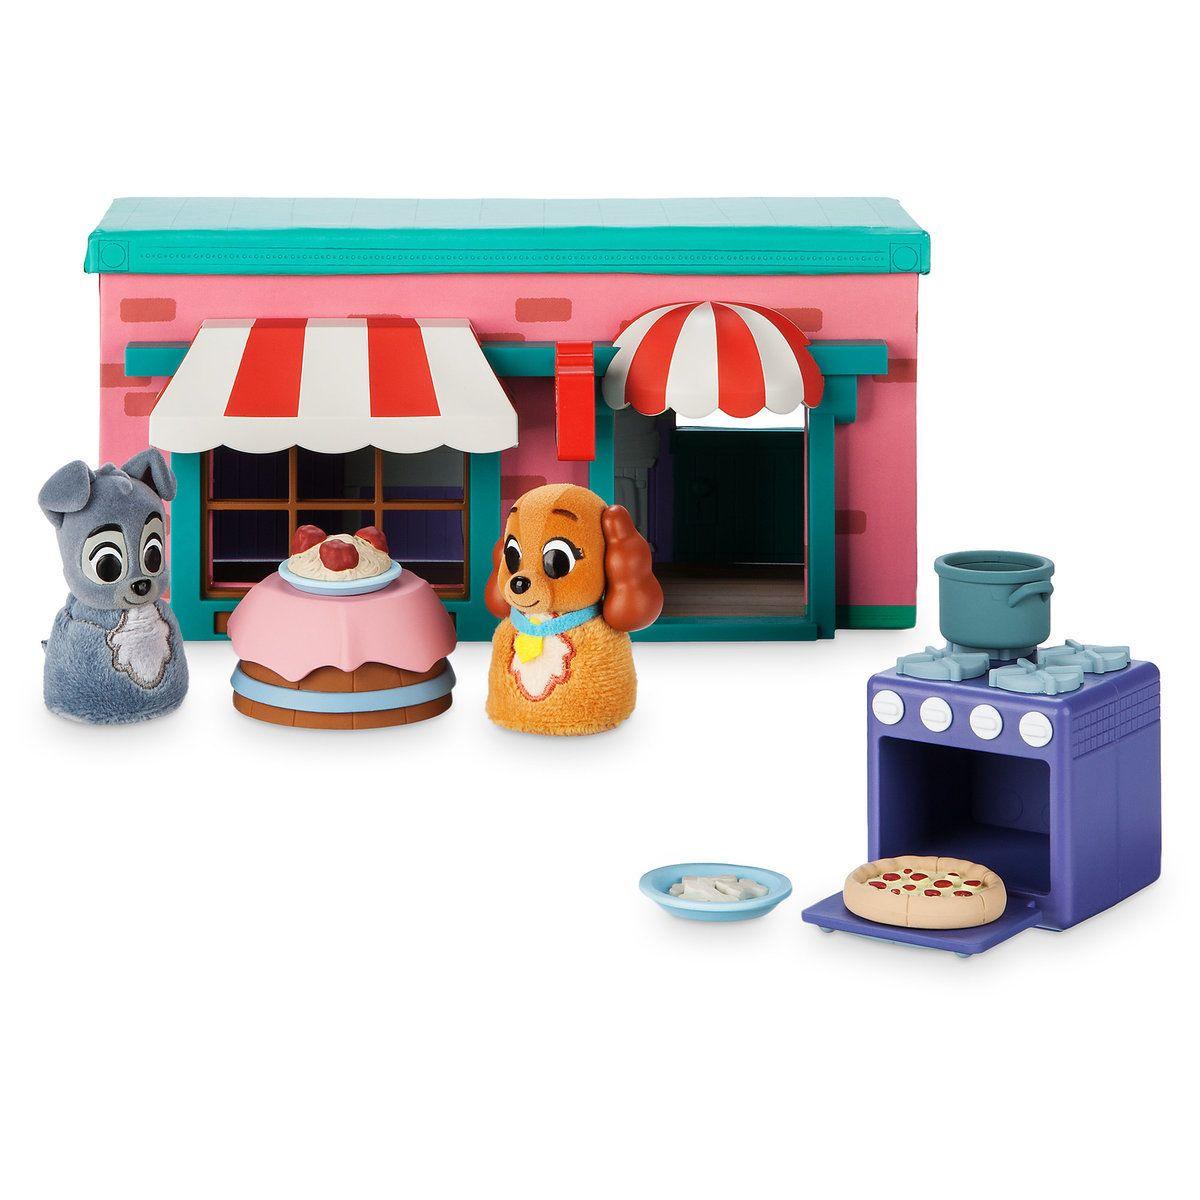 Игровой набор Леди и Бродяга Дисней ресторан Тони Disney фигурка декоративная disney леди и бродяга 16 5 см